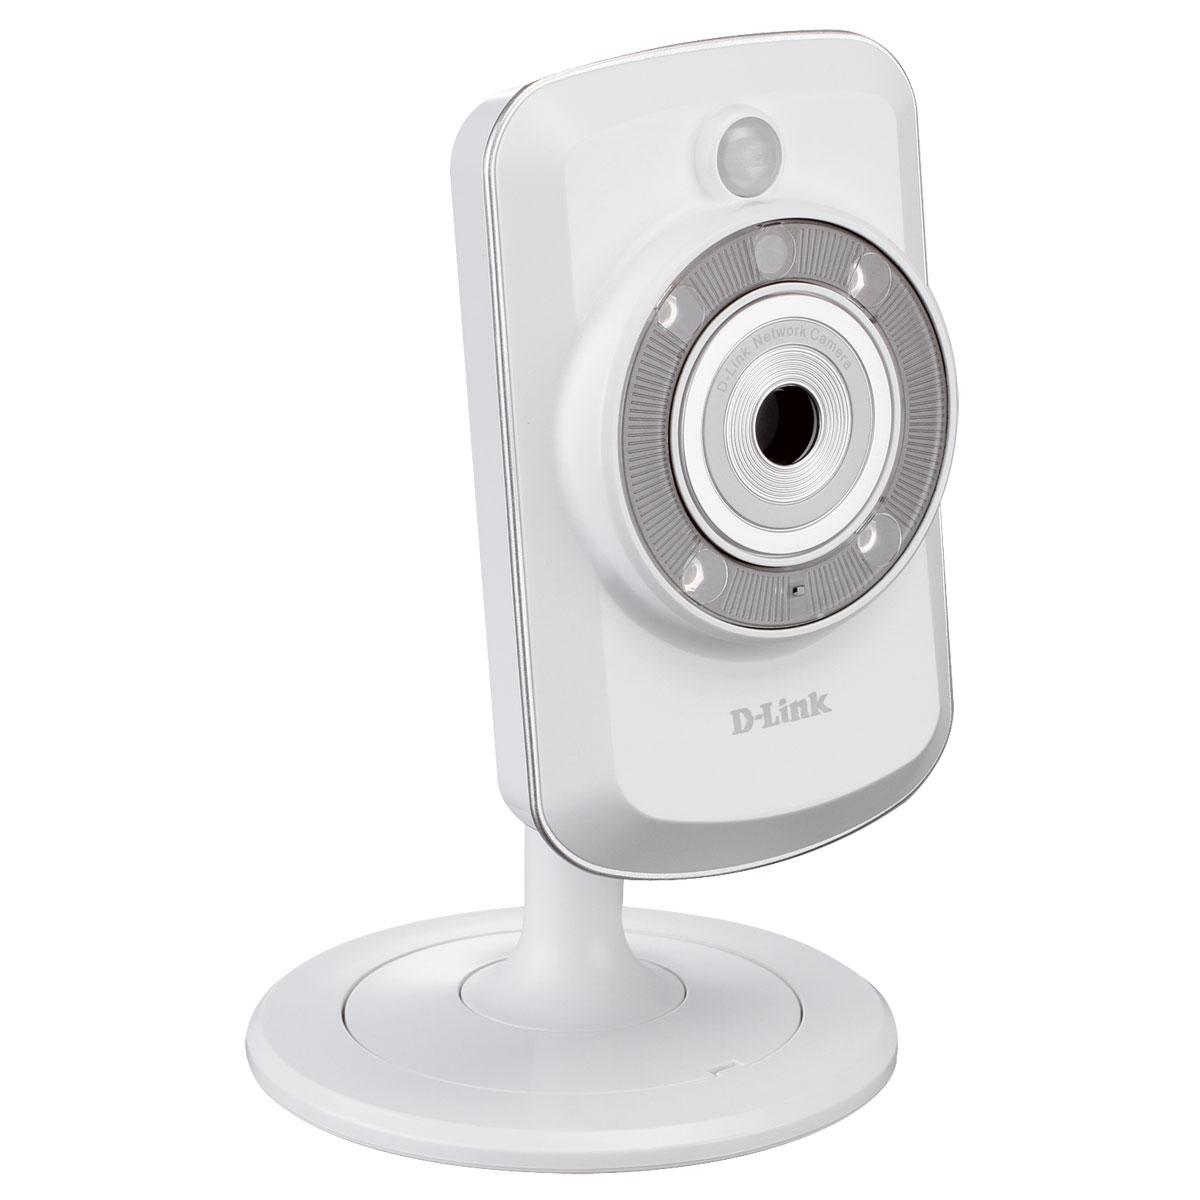 Caméra IP D-Link DCS-942L Caméra réseau jour/nuit cloud(Ethernet / Wi-Fi N)